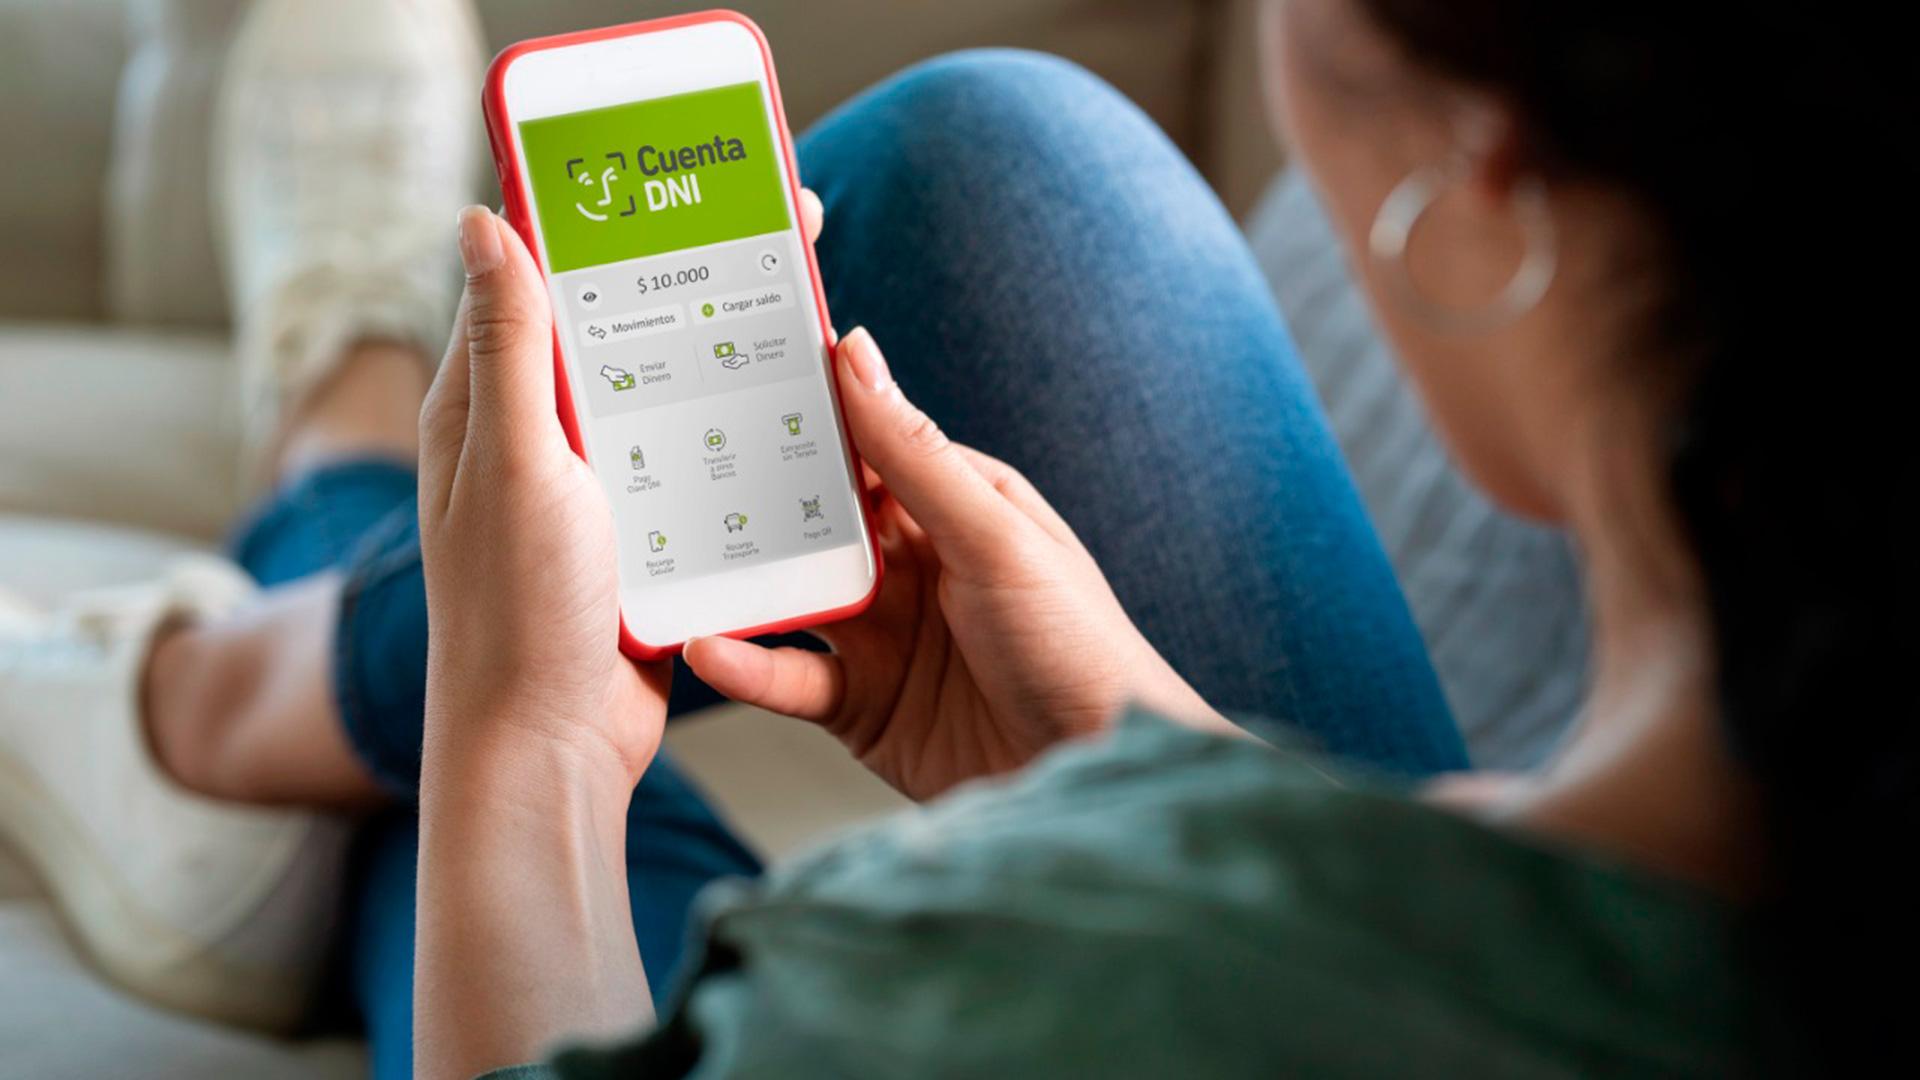 Por la cuarentena, creció el uso de los medios de pago digitales y se  incorporaron 2,6 millones de nuevos usuarios en un mes - Infobae